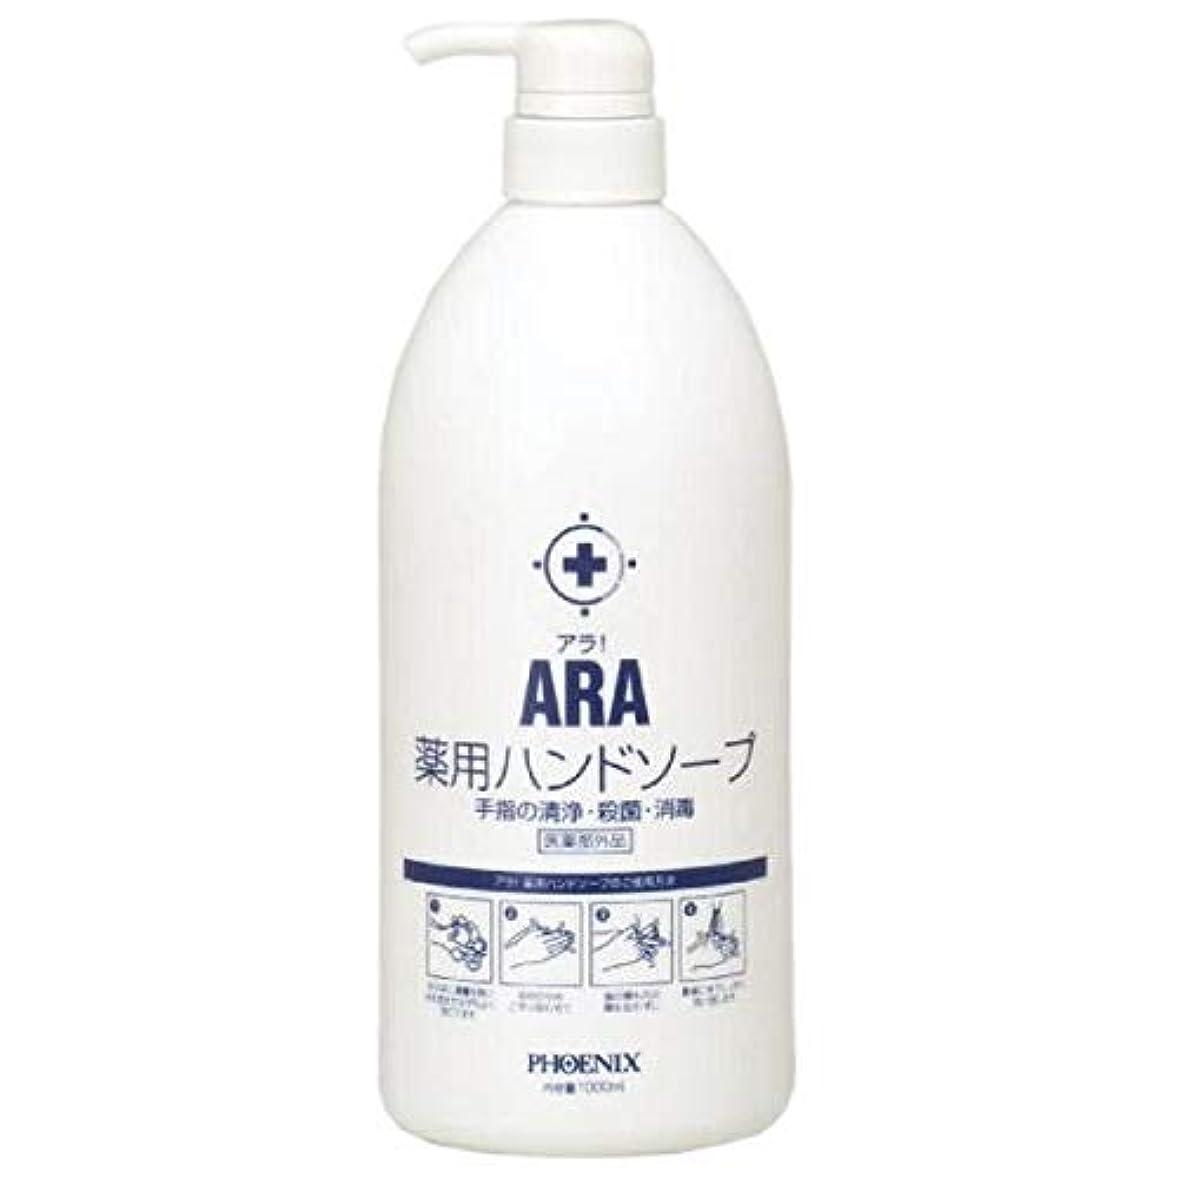 抵当読みやすい大人ARA 薬用ハンドソープ(ボトルタイプ) 1000ml×10本入